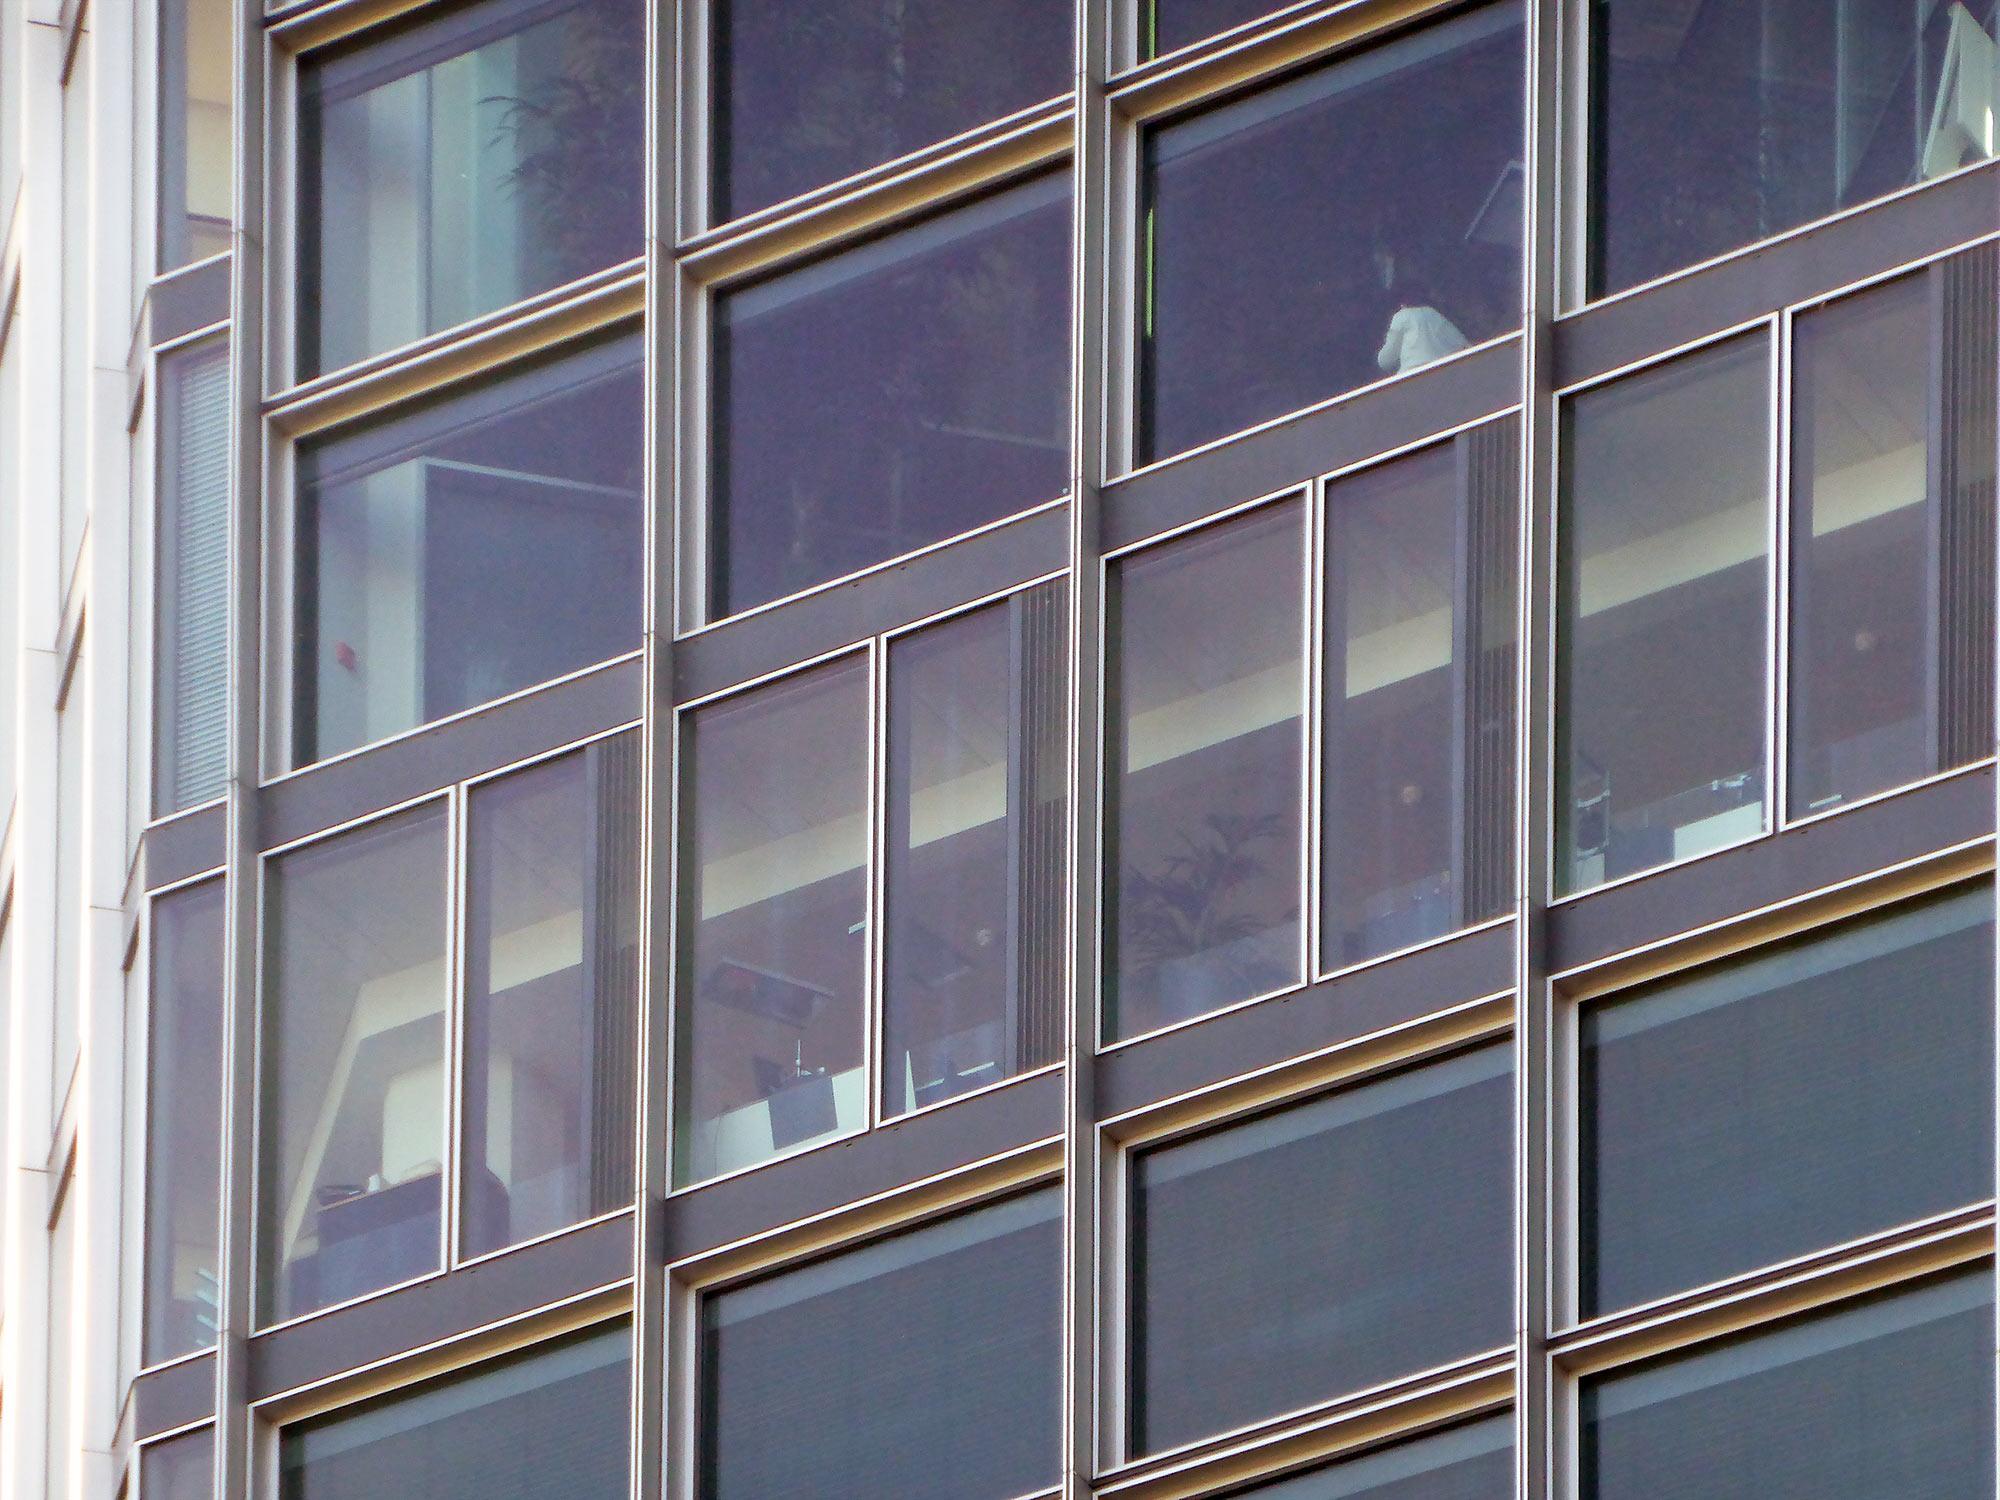 Ehemaliges Helaba-Hochhaus in Frankfurt im Bankenviertel - Der Garden Tower von KSP Jürgen Engel Architekten